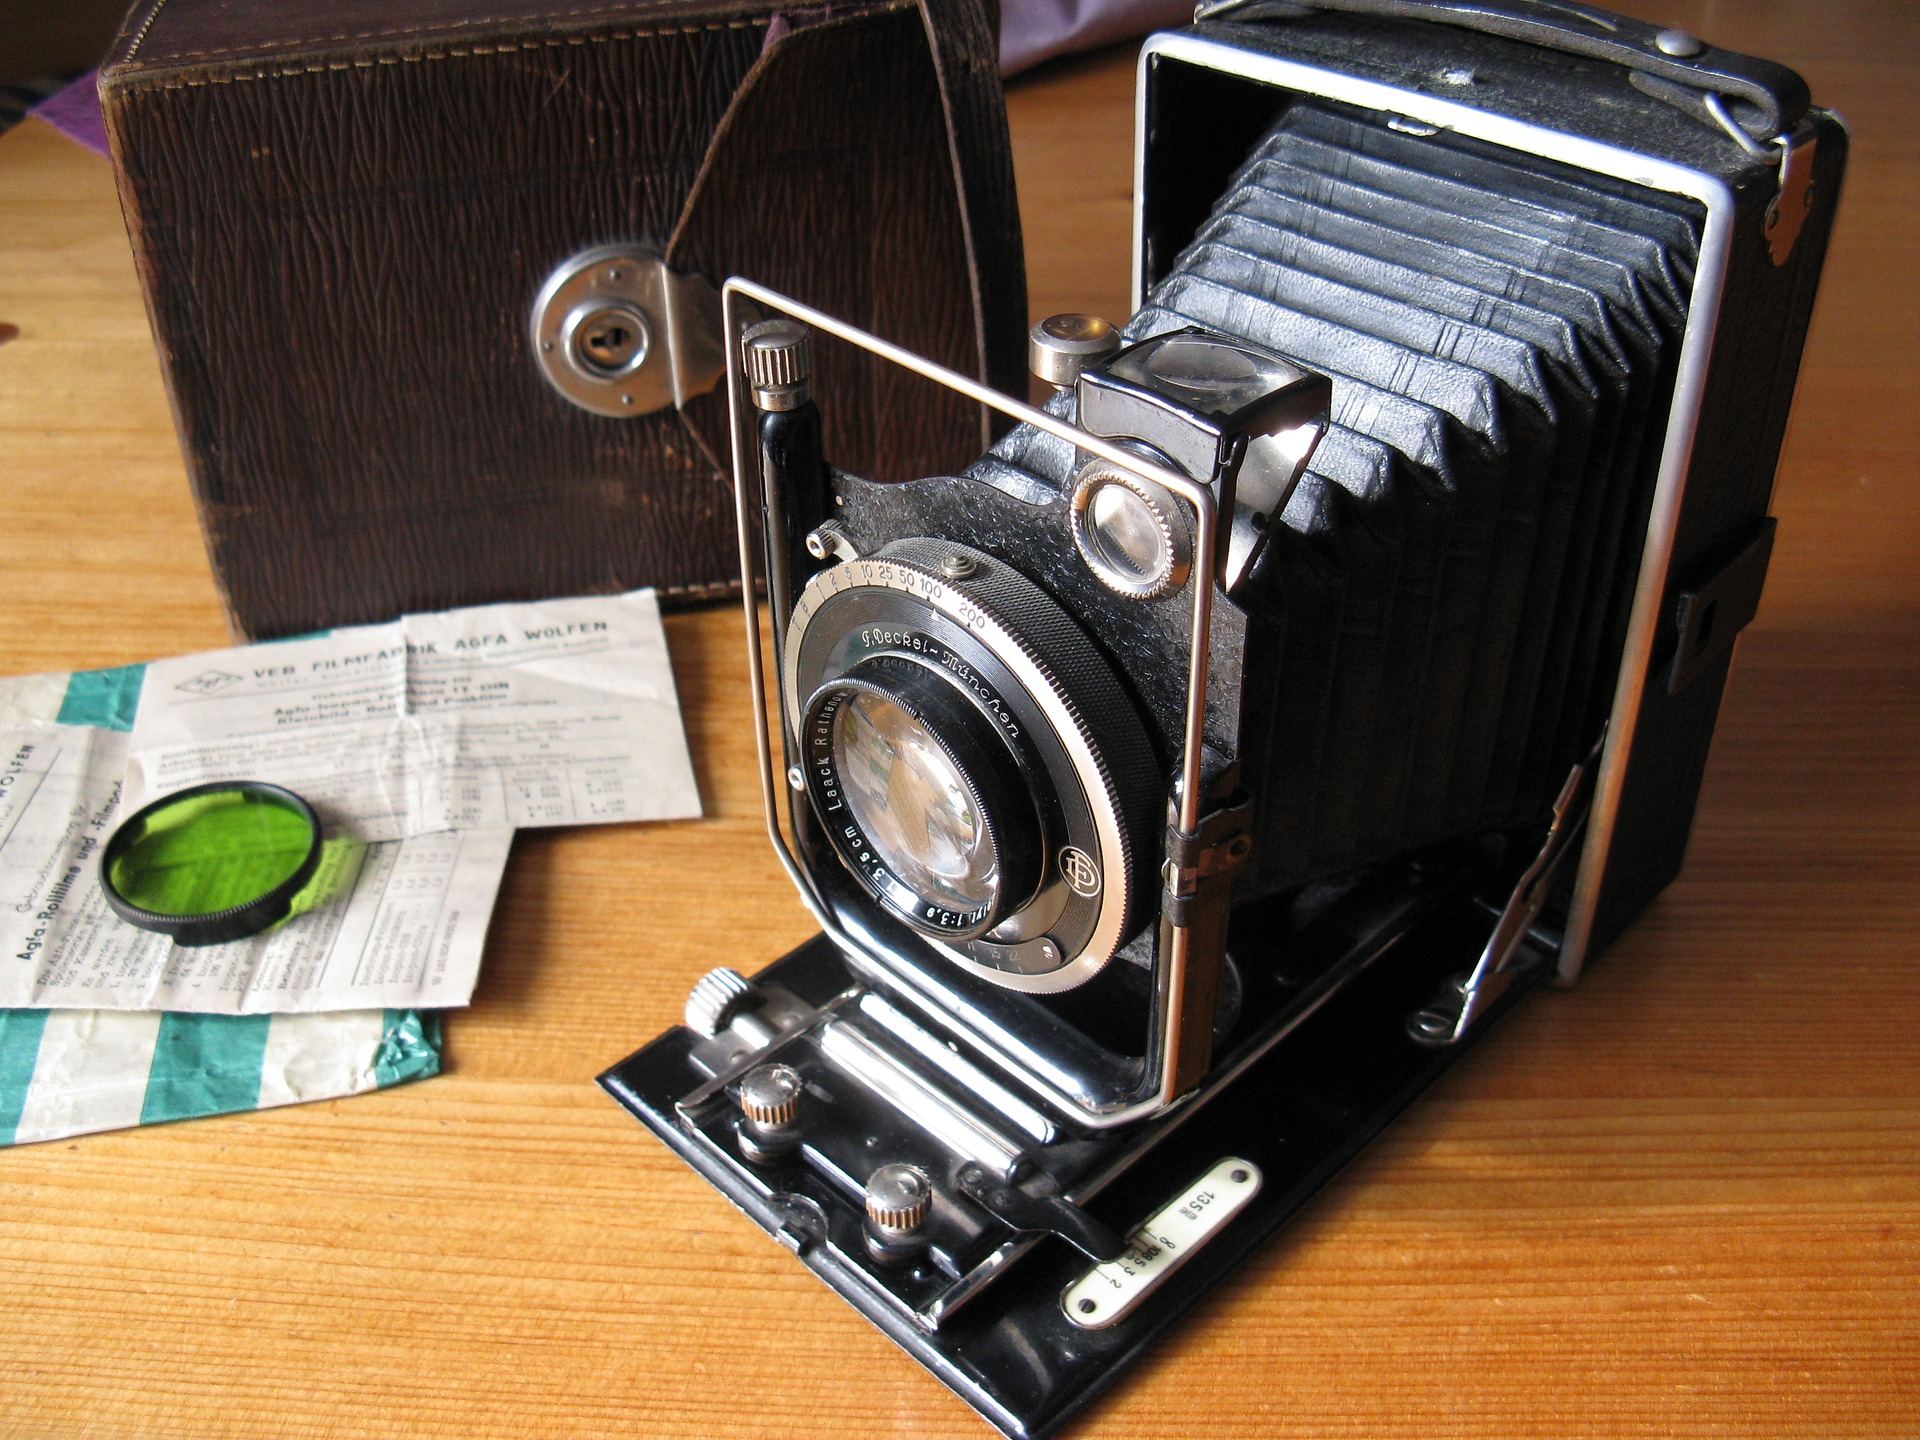 fotocamera, vintage, vecchio, macchina fotografica della foto, ricordi, fotografia - Sfondi HD - Professor-falken.com